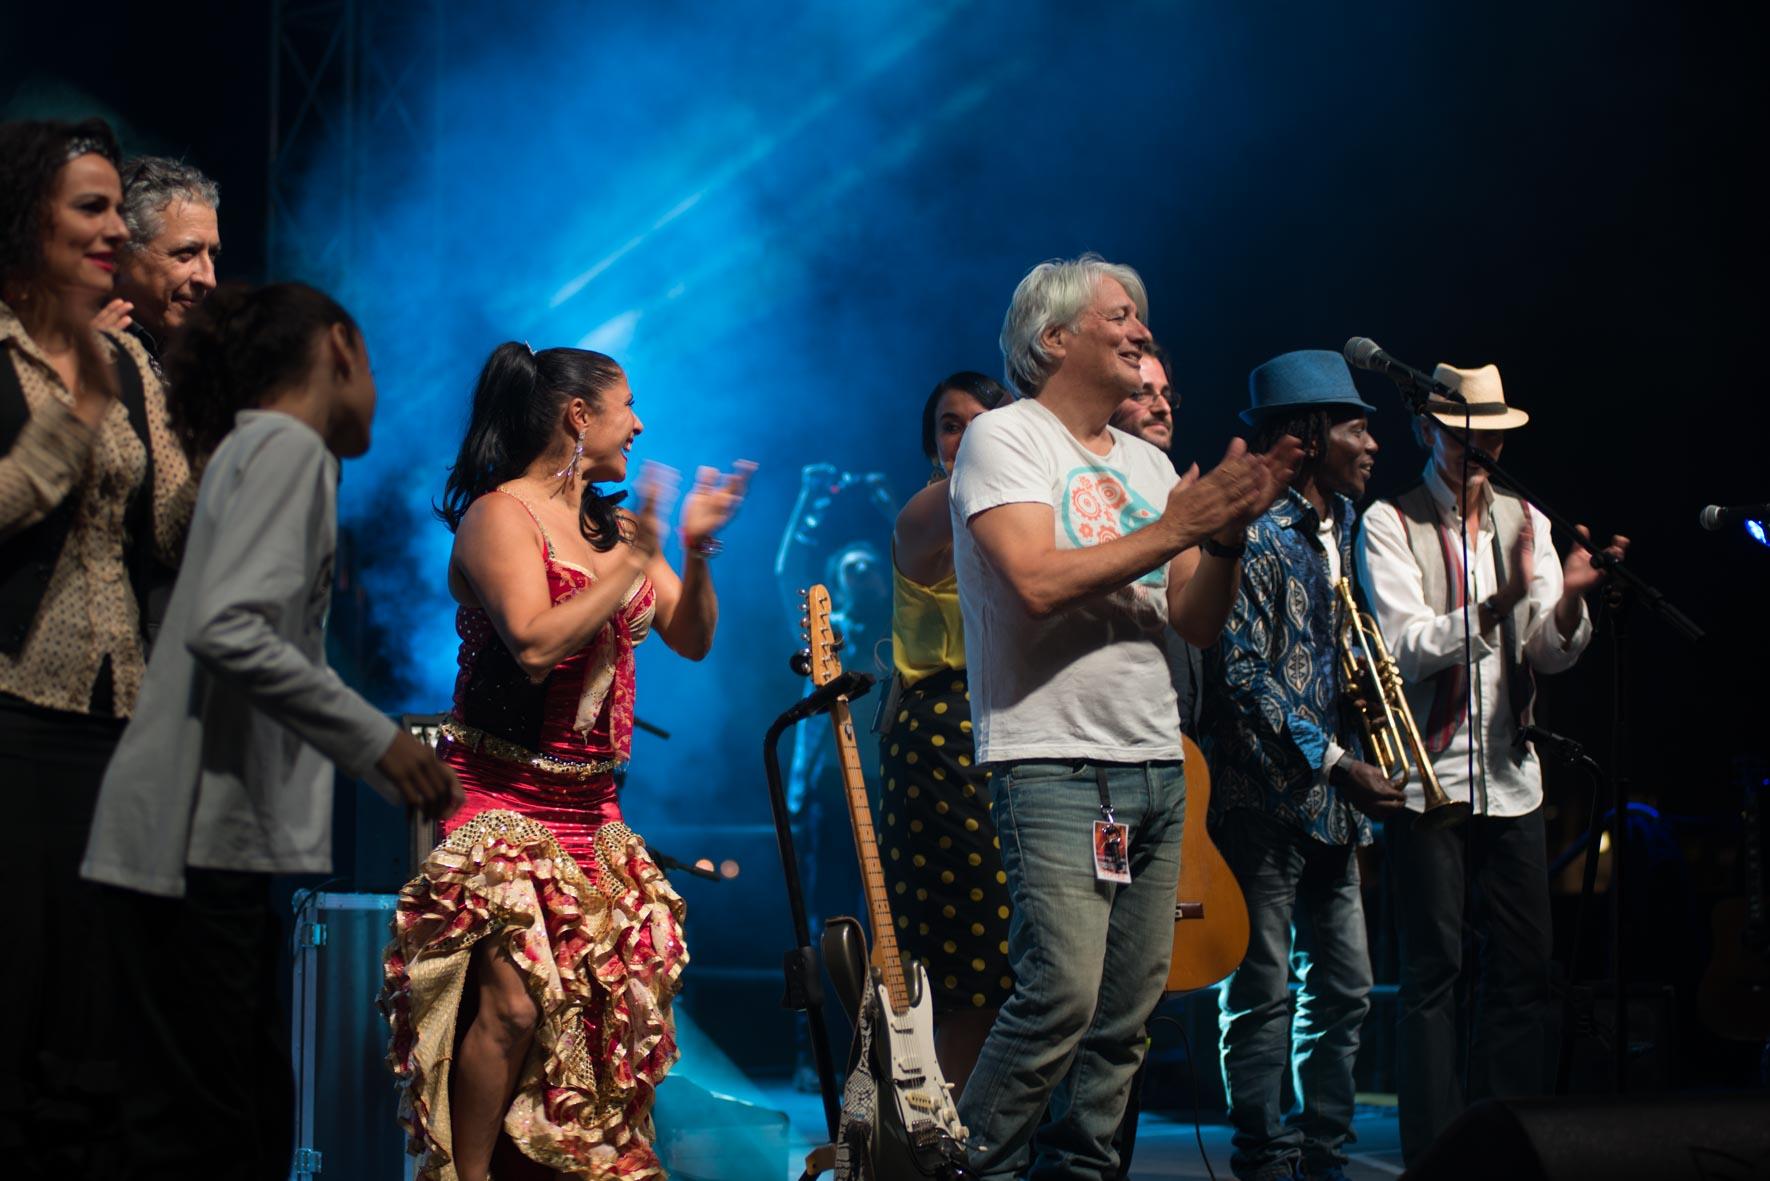 groupe Roé live arènes de Nîmes